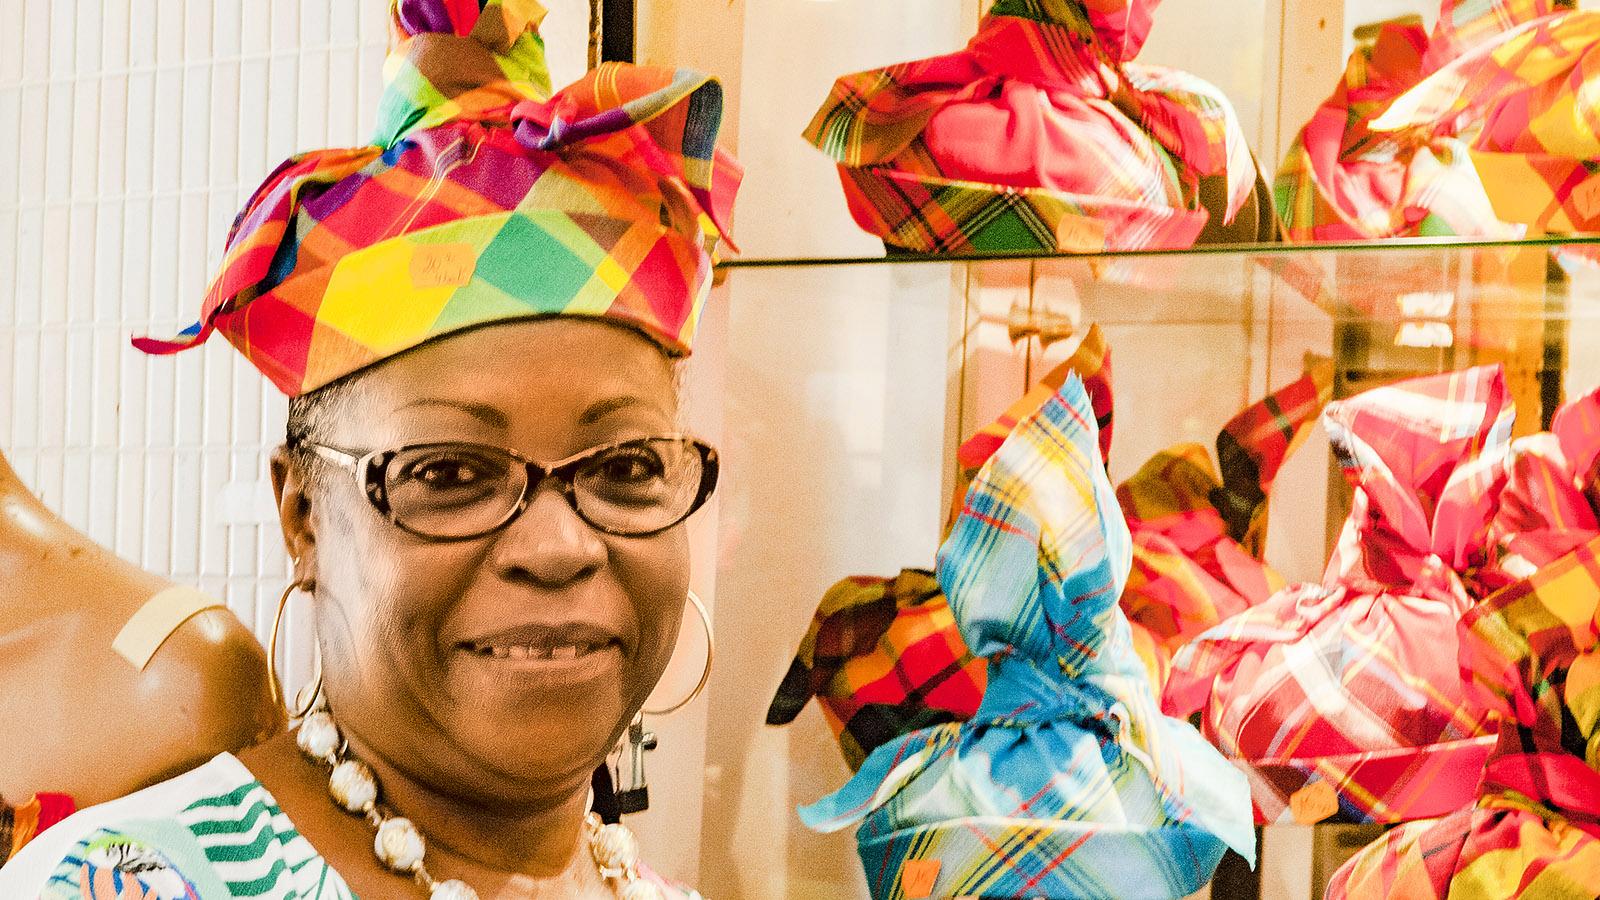 Martinique. Verheiratet oder nicht? Die Haube verrät es! Foto: Hilke Maunder